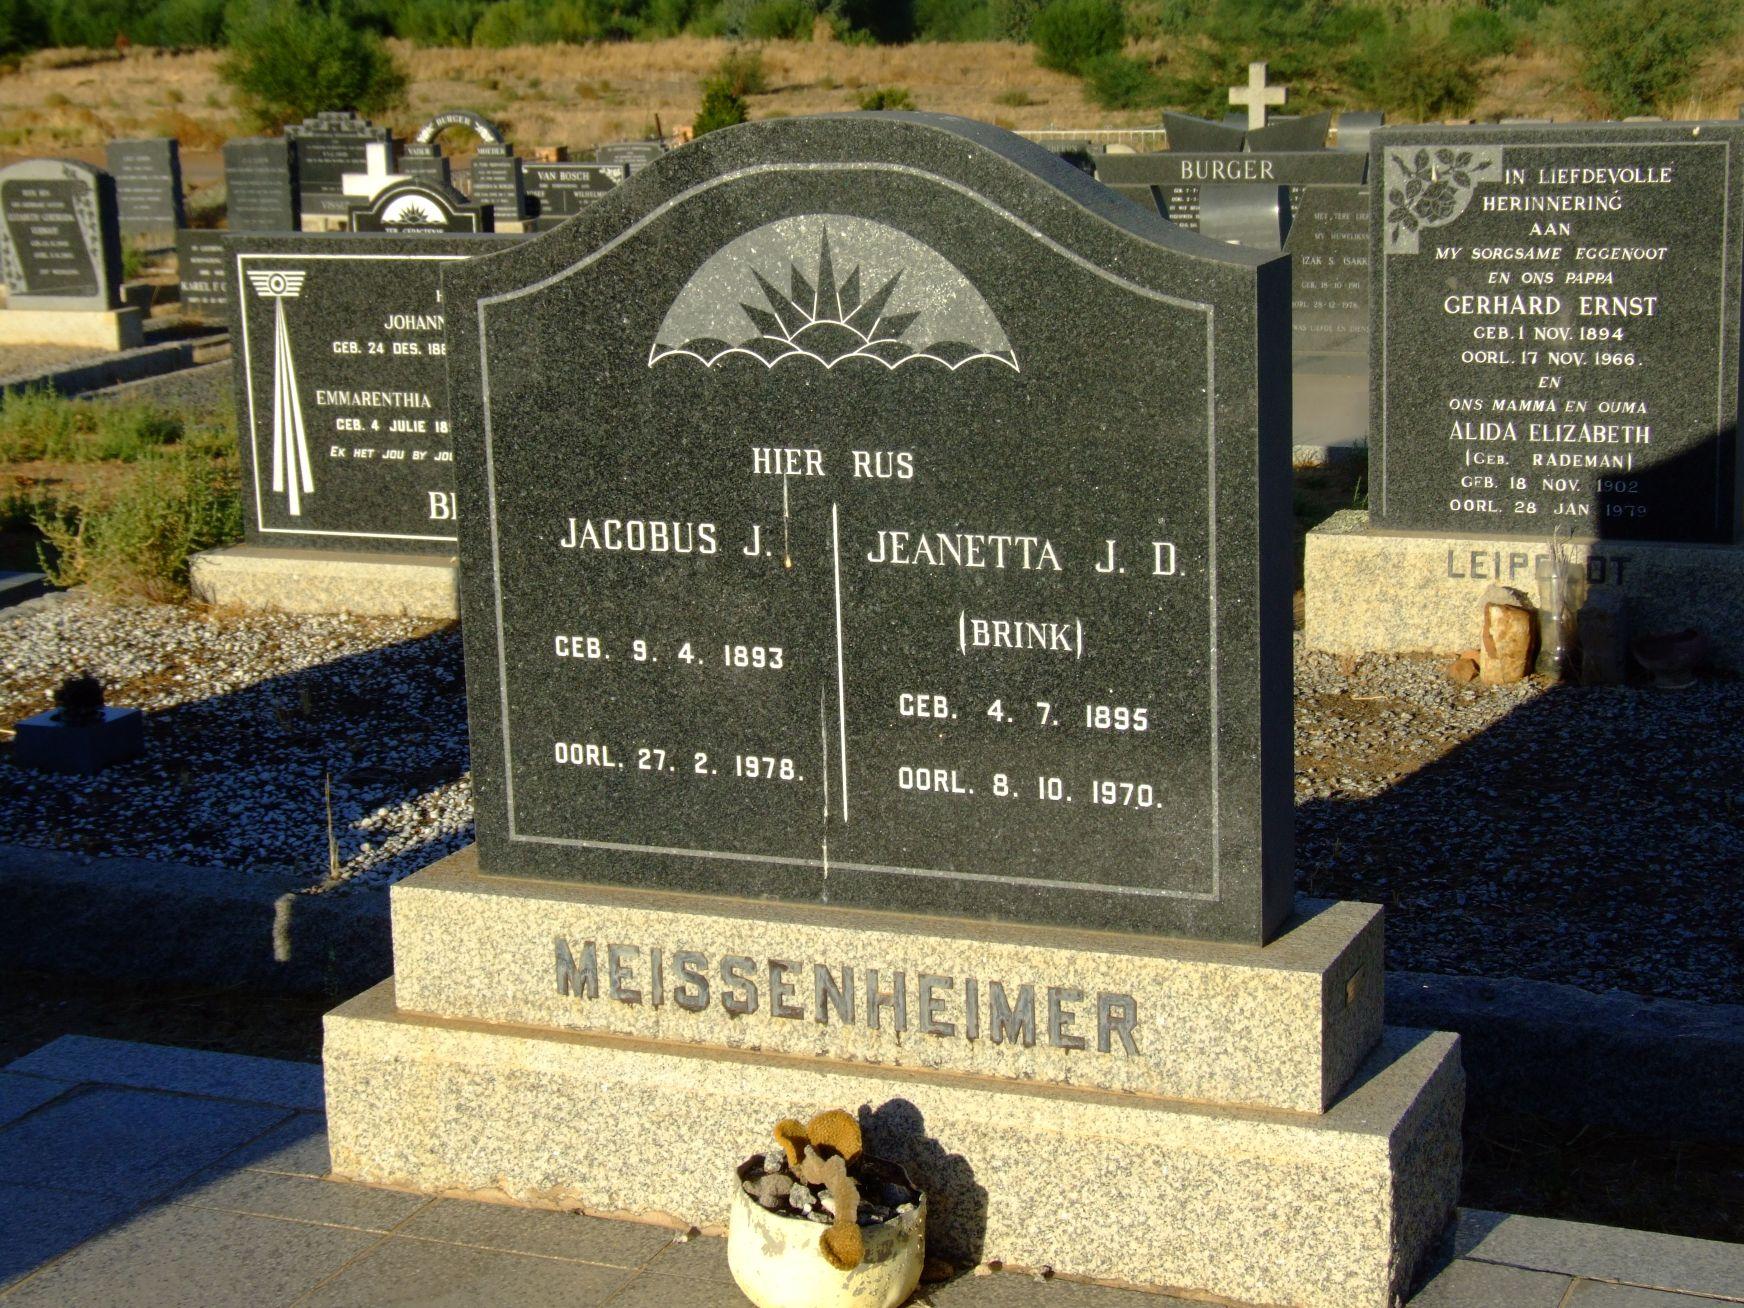 Meissenheimer, Jacobus J. and Messenheimer, Jeanetta J. D. (nee